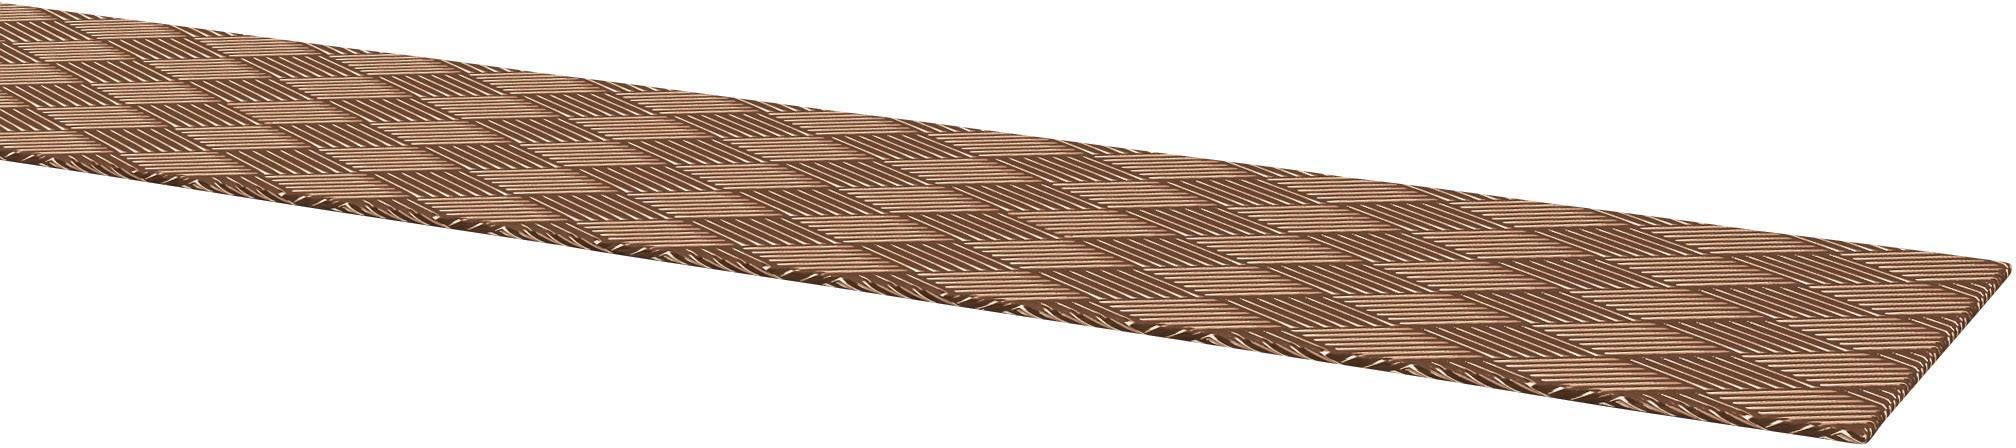 Copper earthing strap, bare 301020000 Kabeltronik Množství: metrové zboží